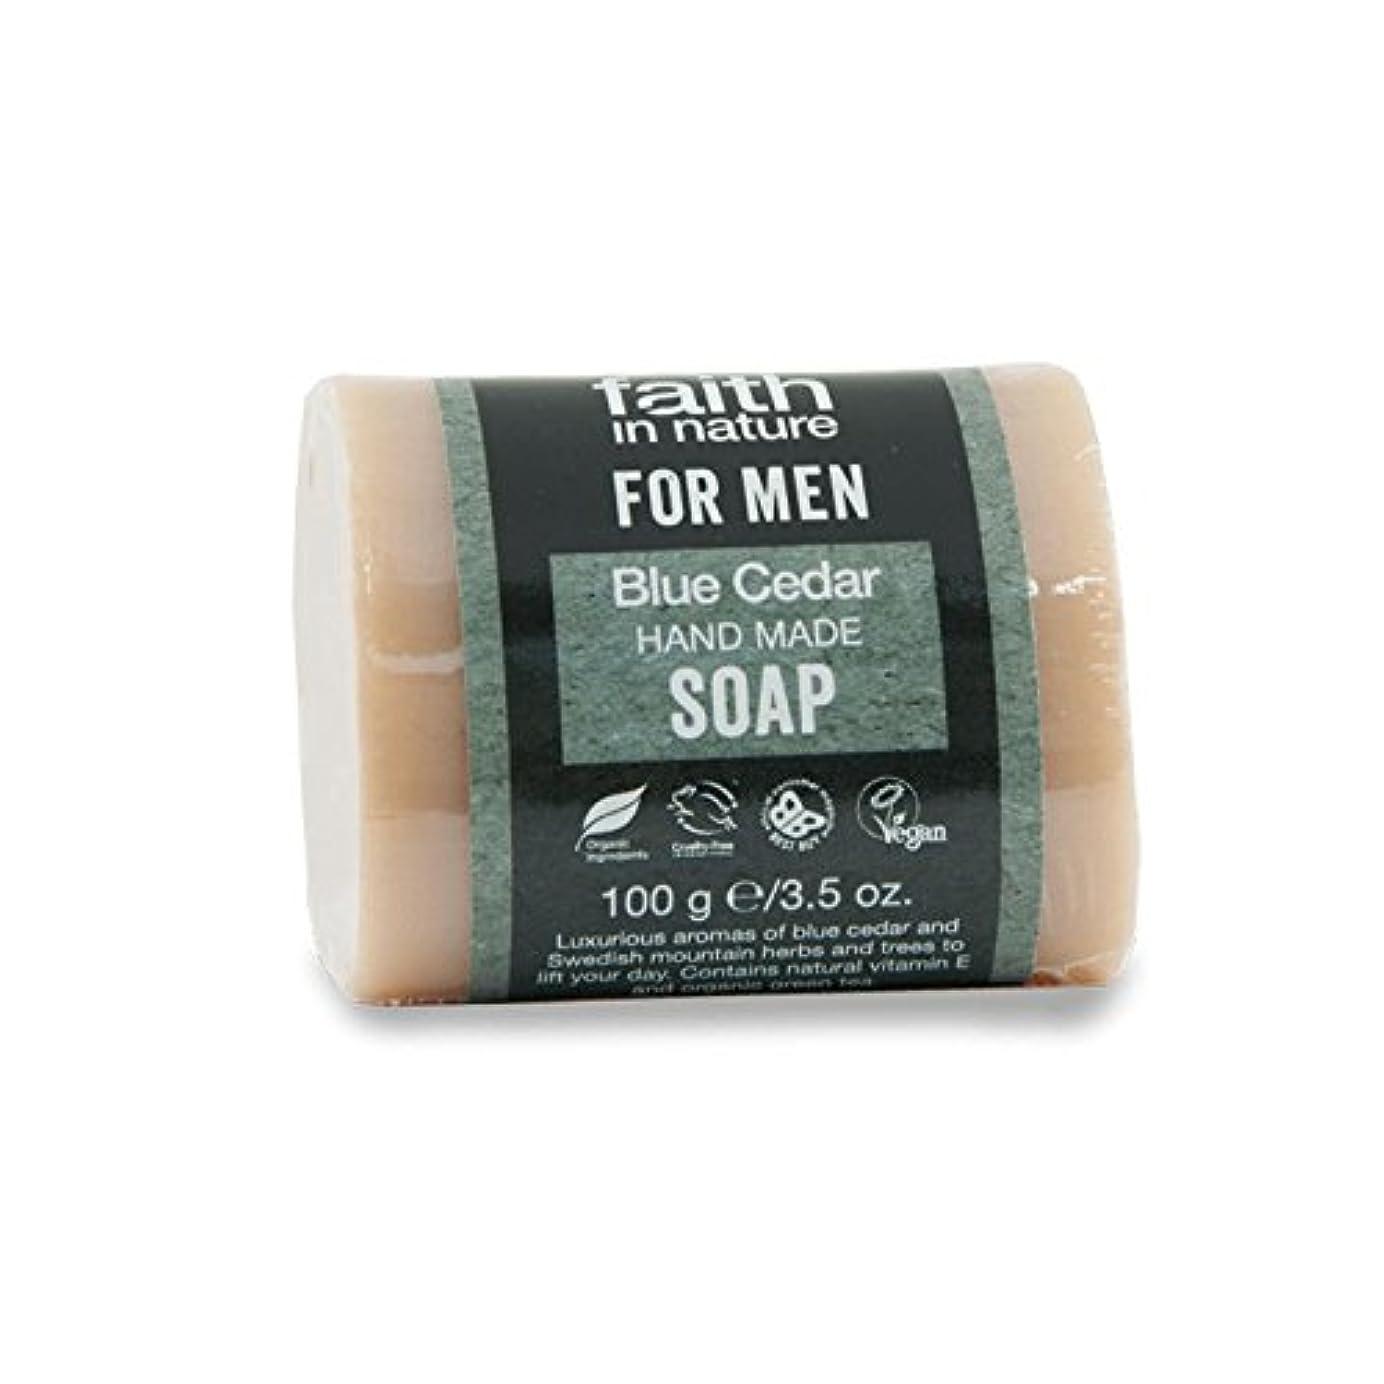 分析する申請中れるFaith in Nature for Men Blue Cedar Soap 100g (Pack of 6) - 男性青杉の石鹸100グラムのための自然の中で信仰 (x6) [並行輸入品]